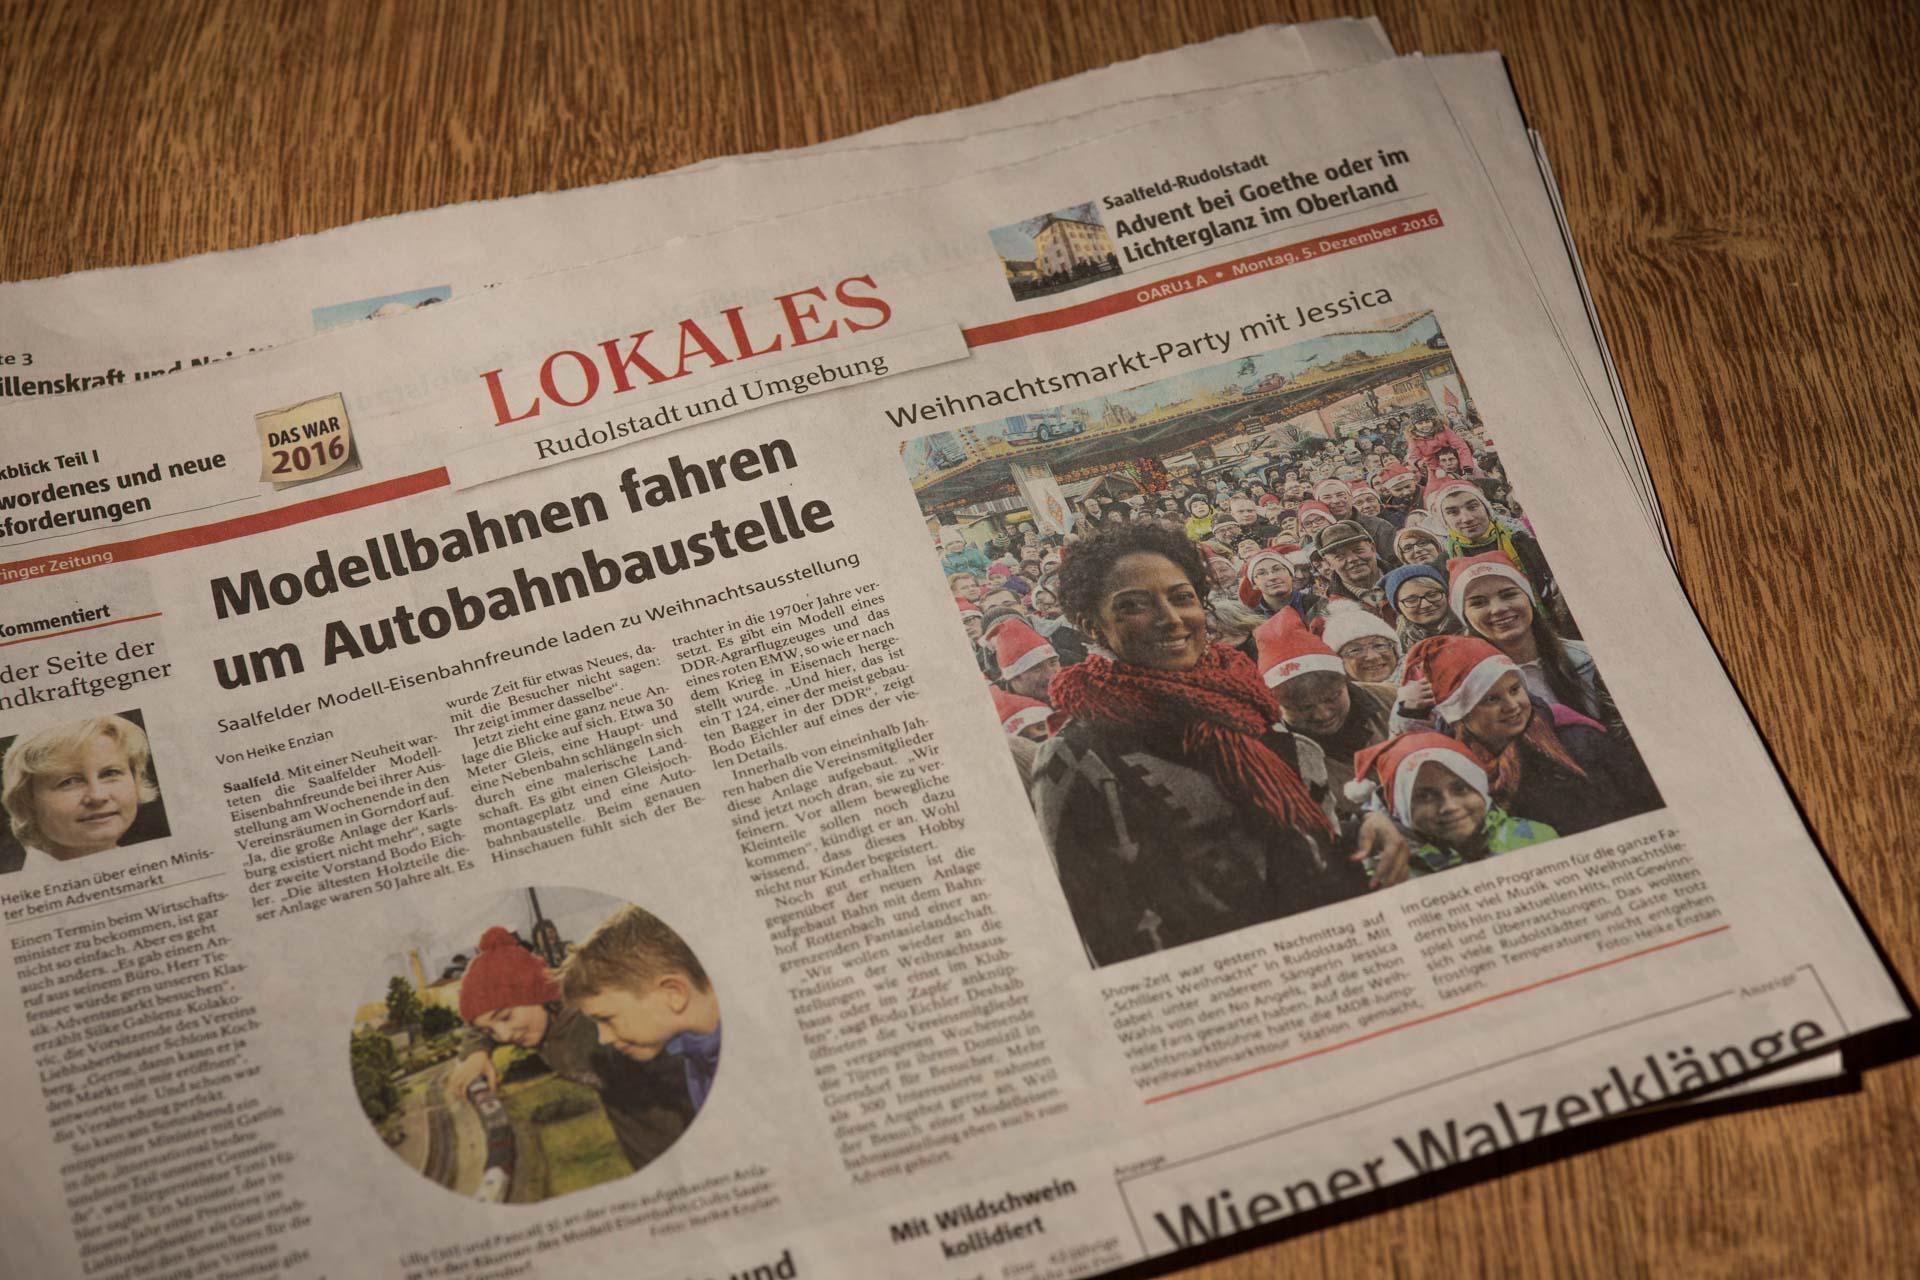 Weihnachtsmarkt MDR Jump in Thüringen, OTZ berichtet